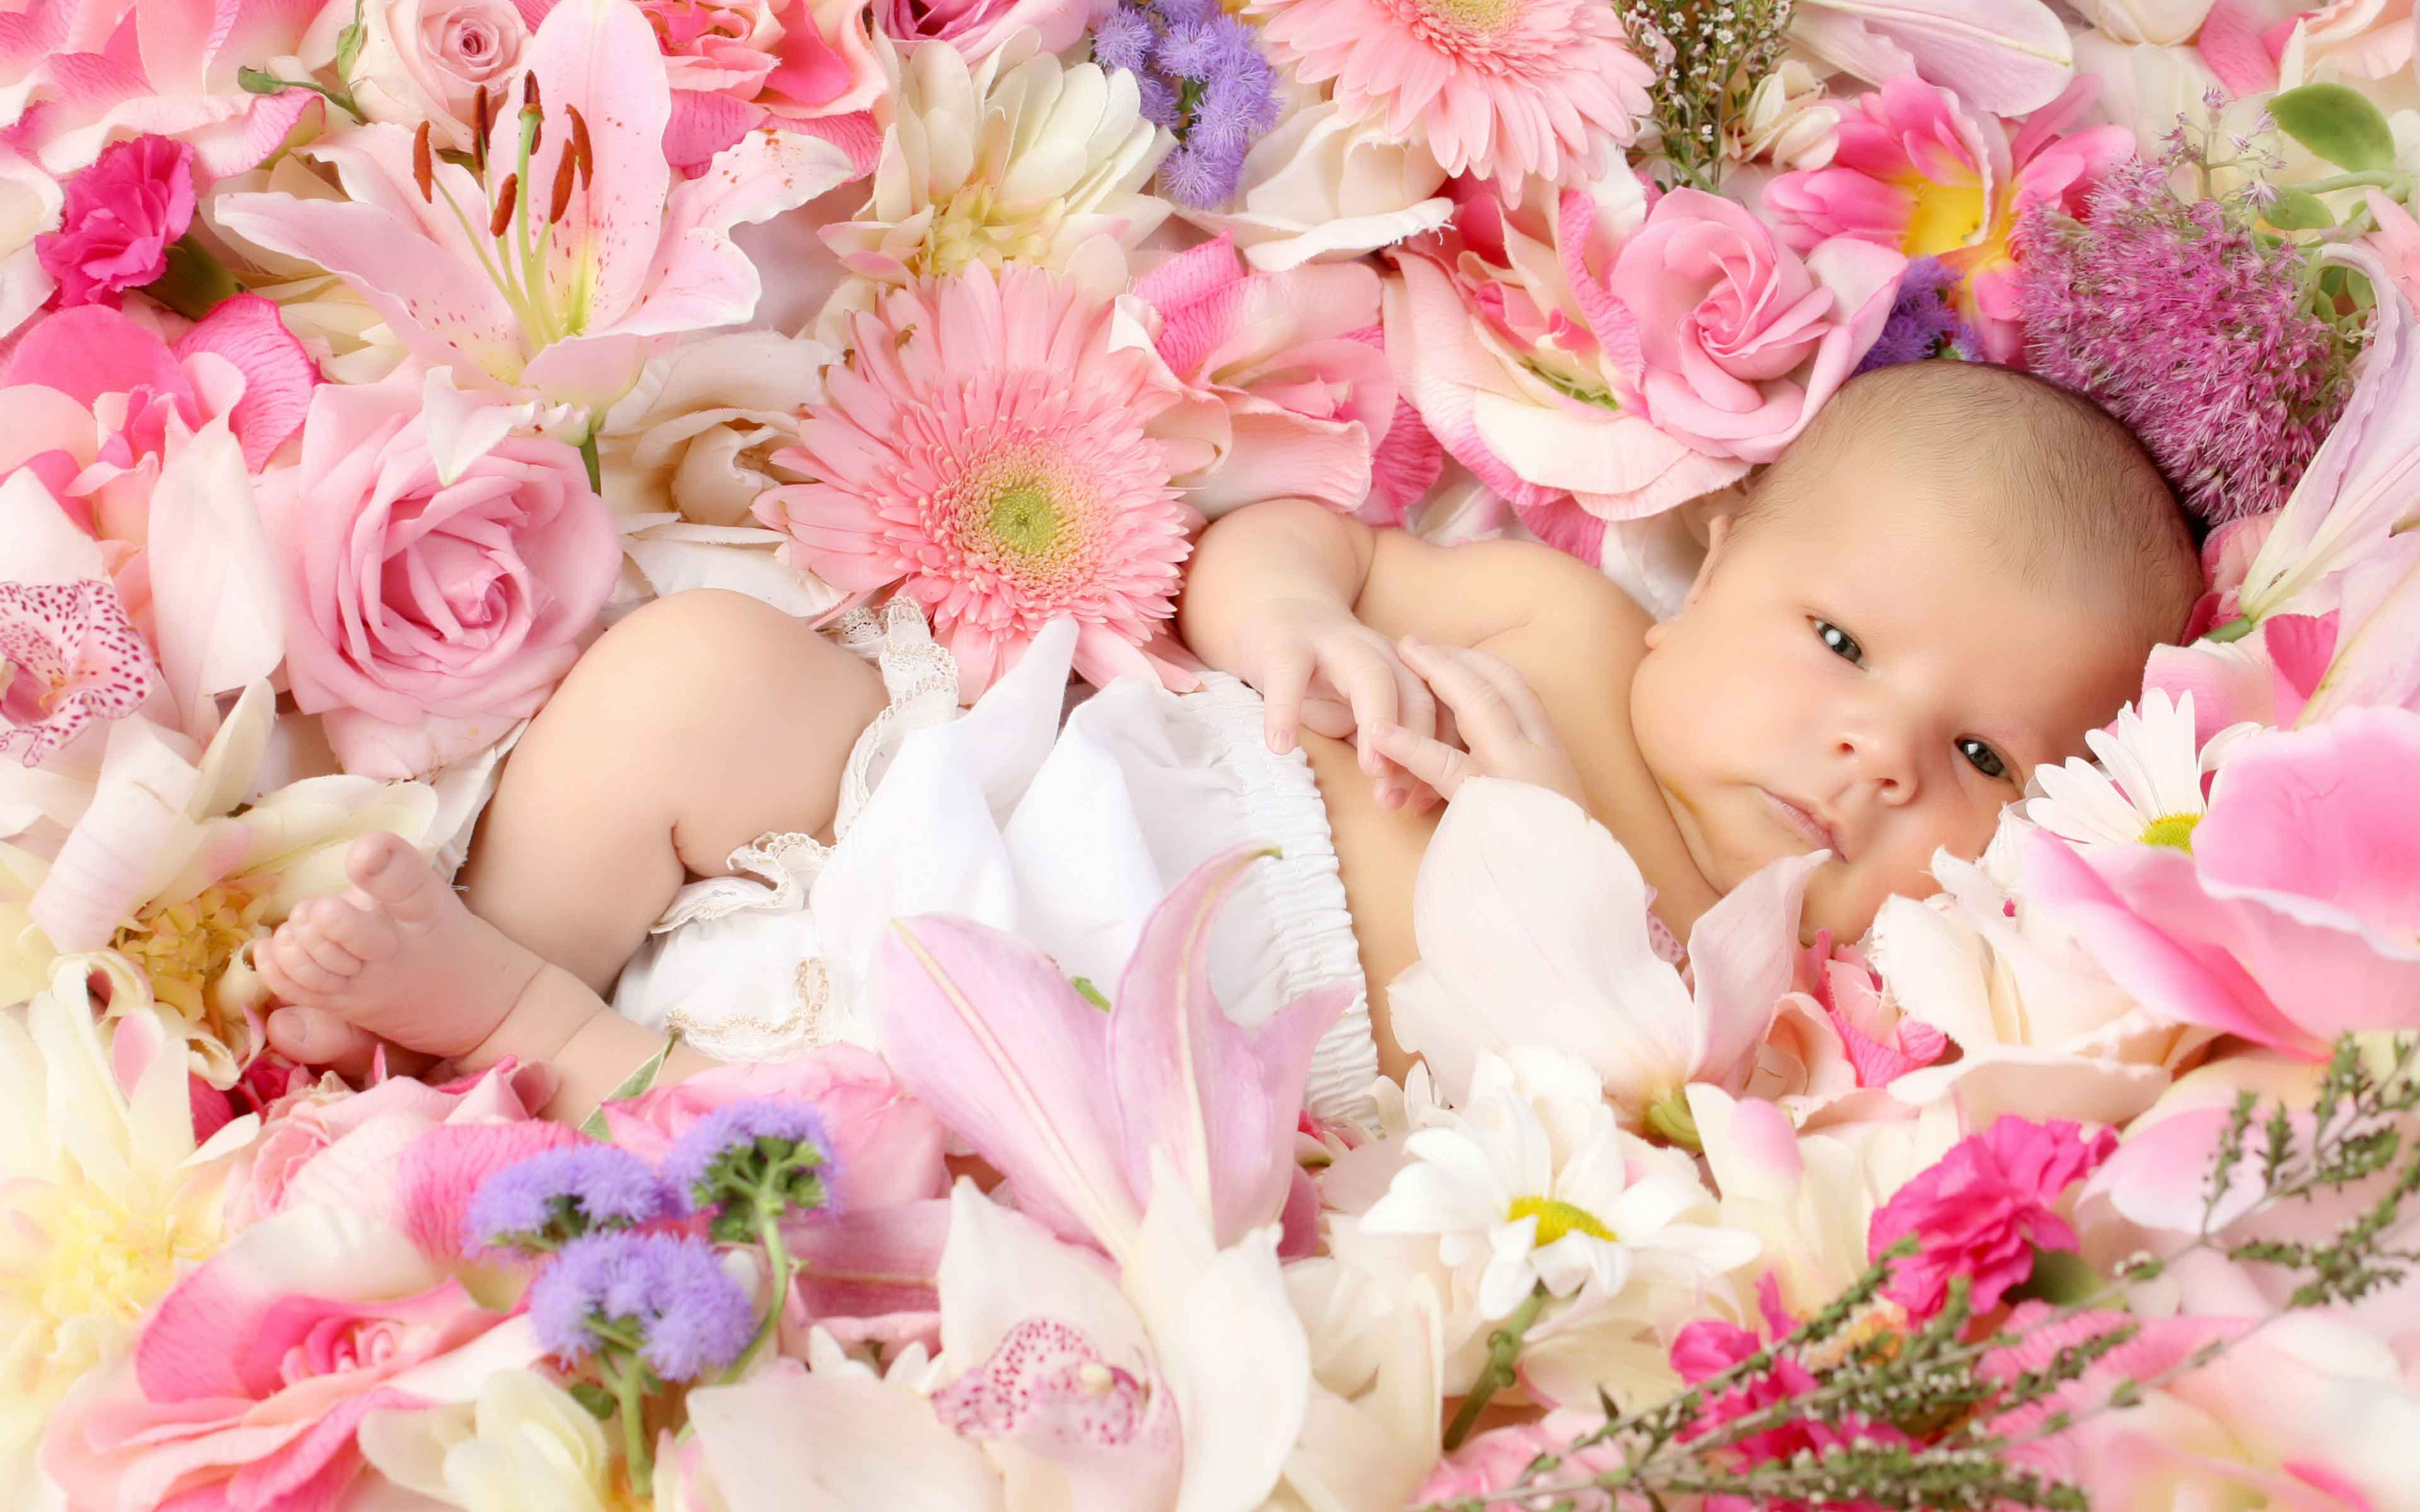 Rüyada 9 bebek görmek 5